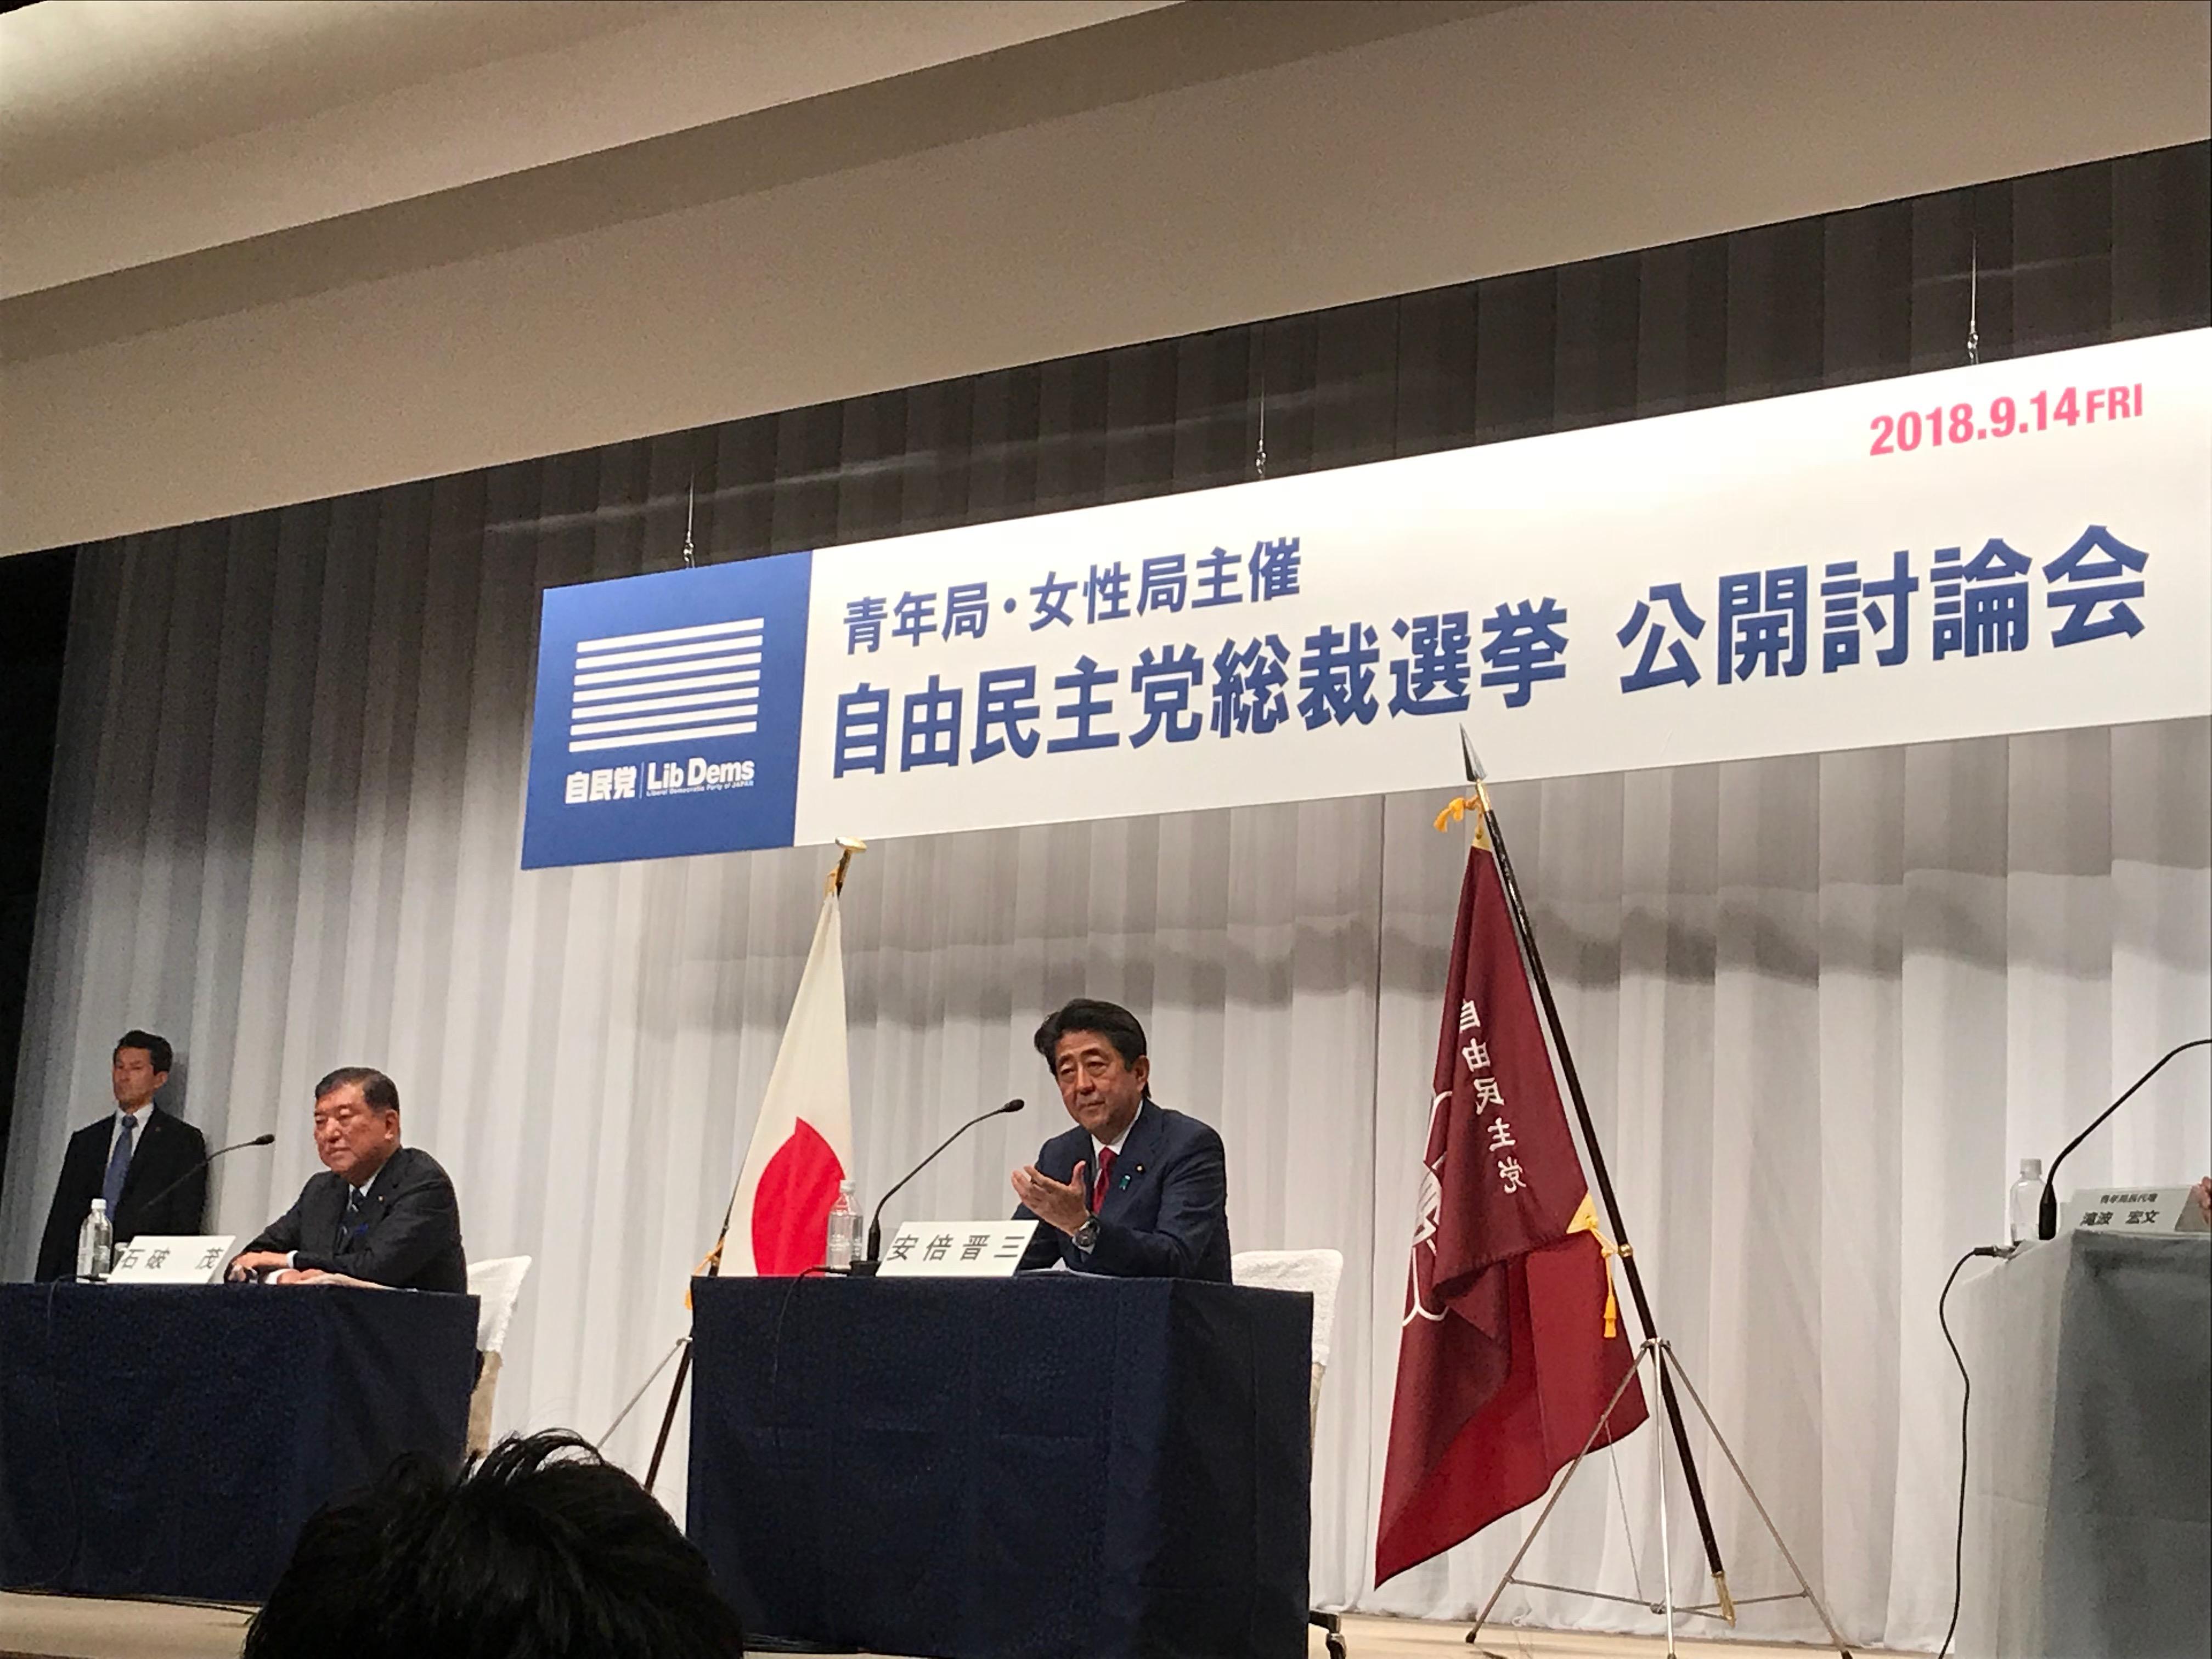 自民党総裁選公開討論会